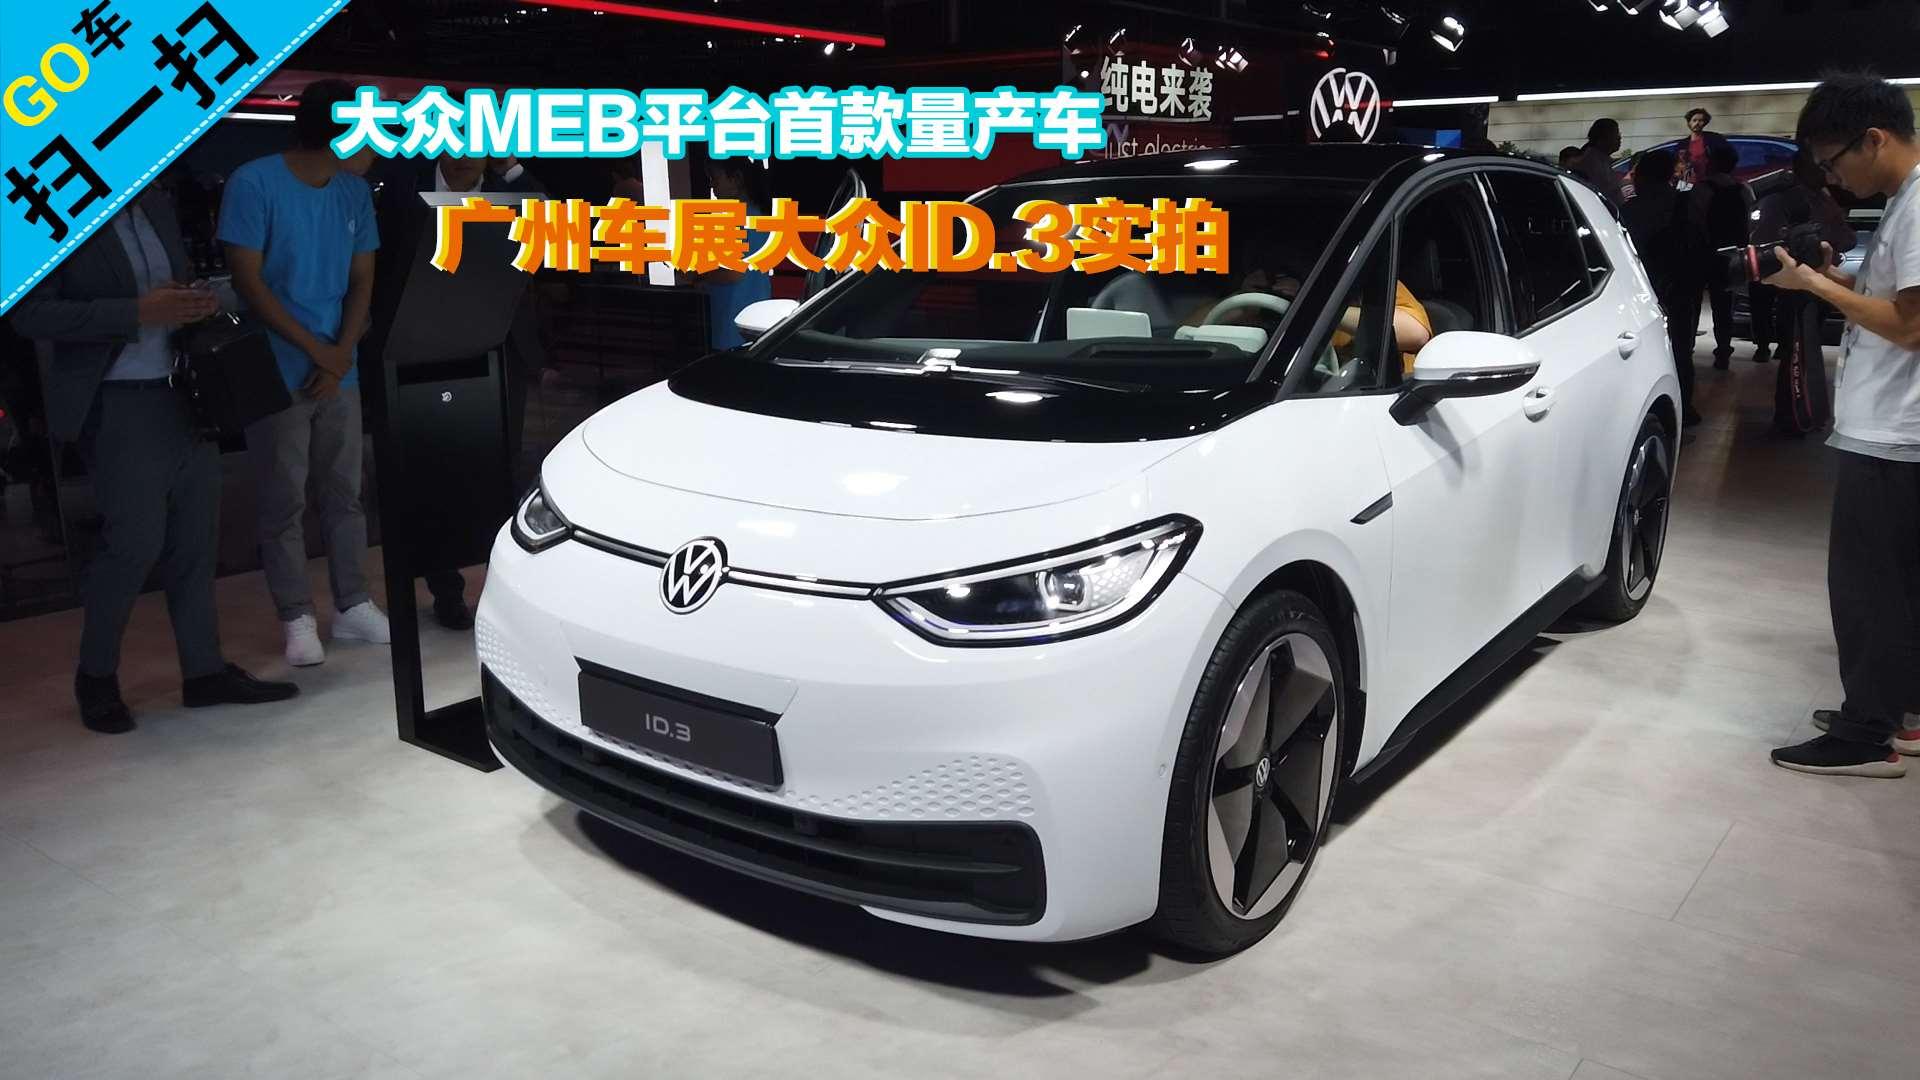 【广州车展】大众MEB平台首款量产车 广州车展大众ID.3实拍